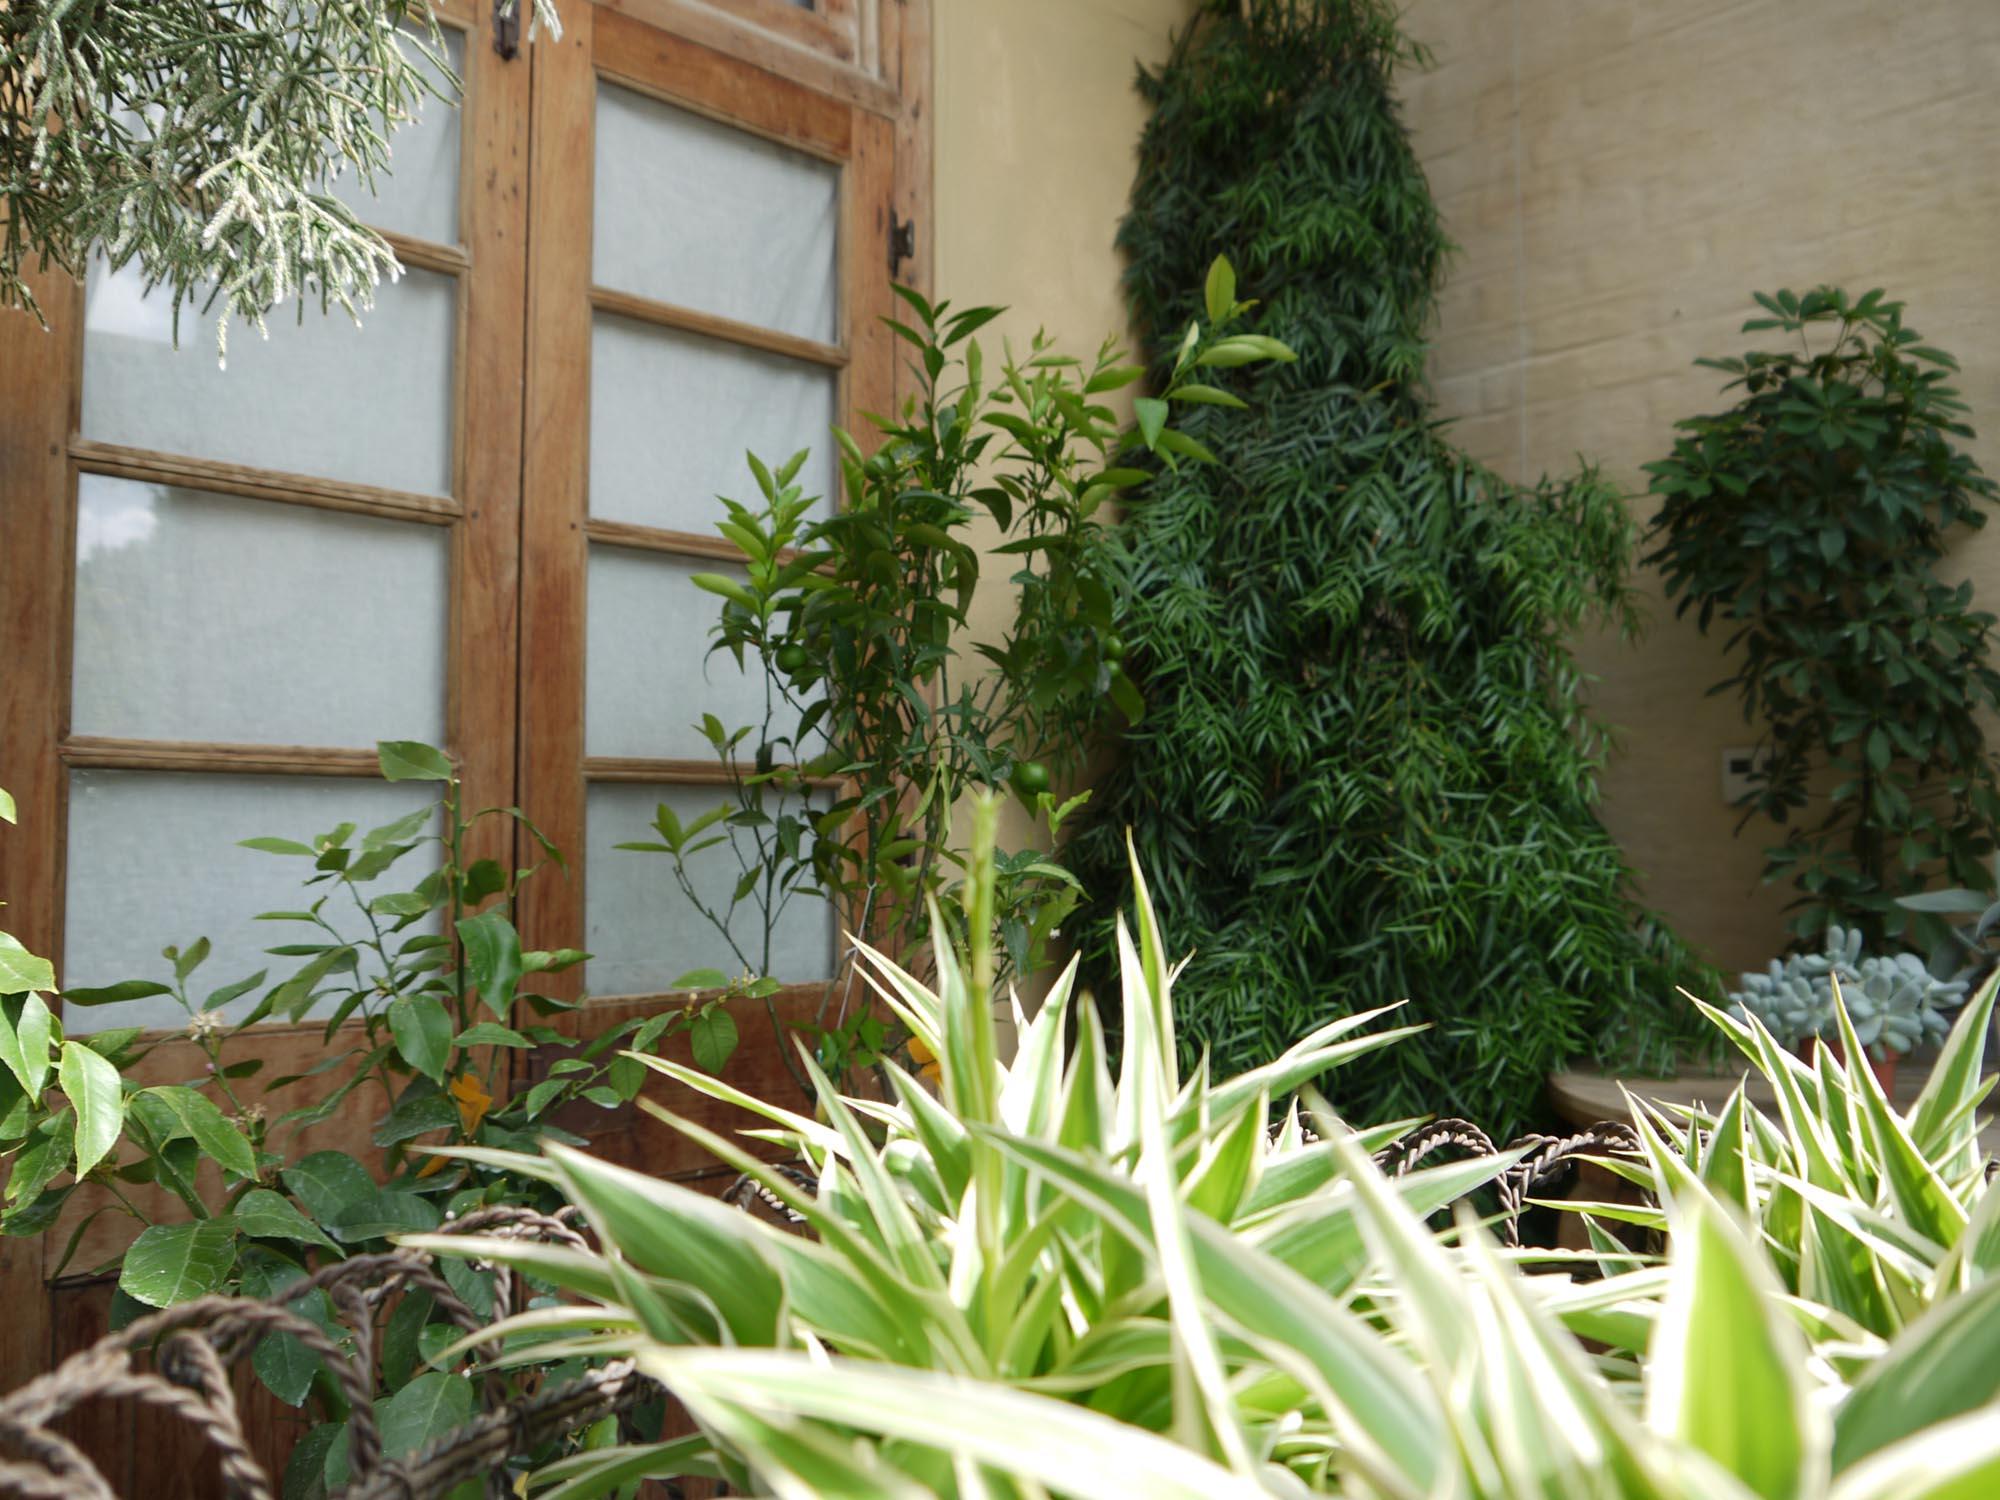 Planten Op Kantoor : Kabinet pepijn verheyen plantentips voor een groen kantoor